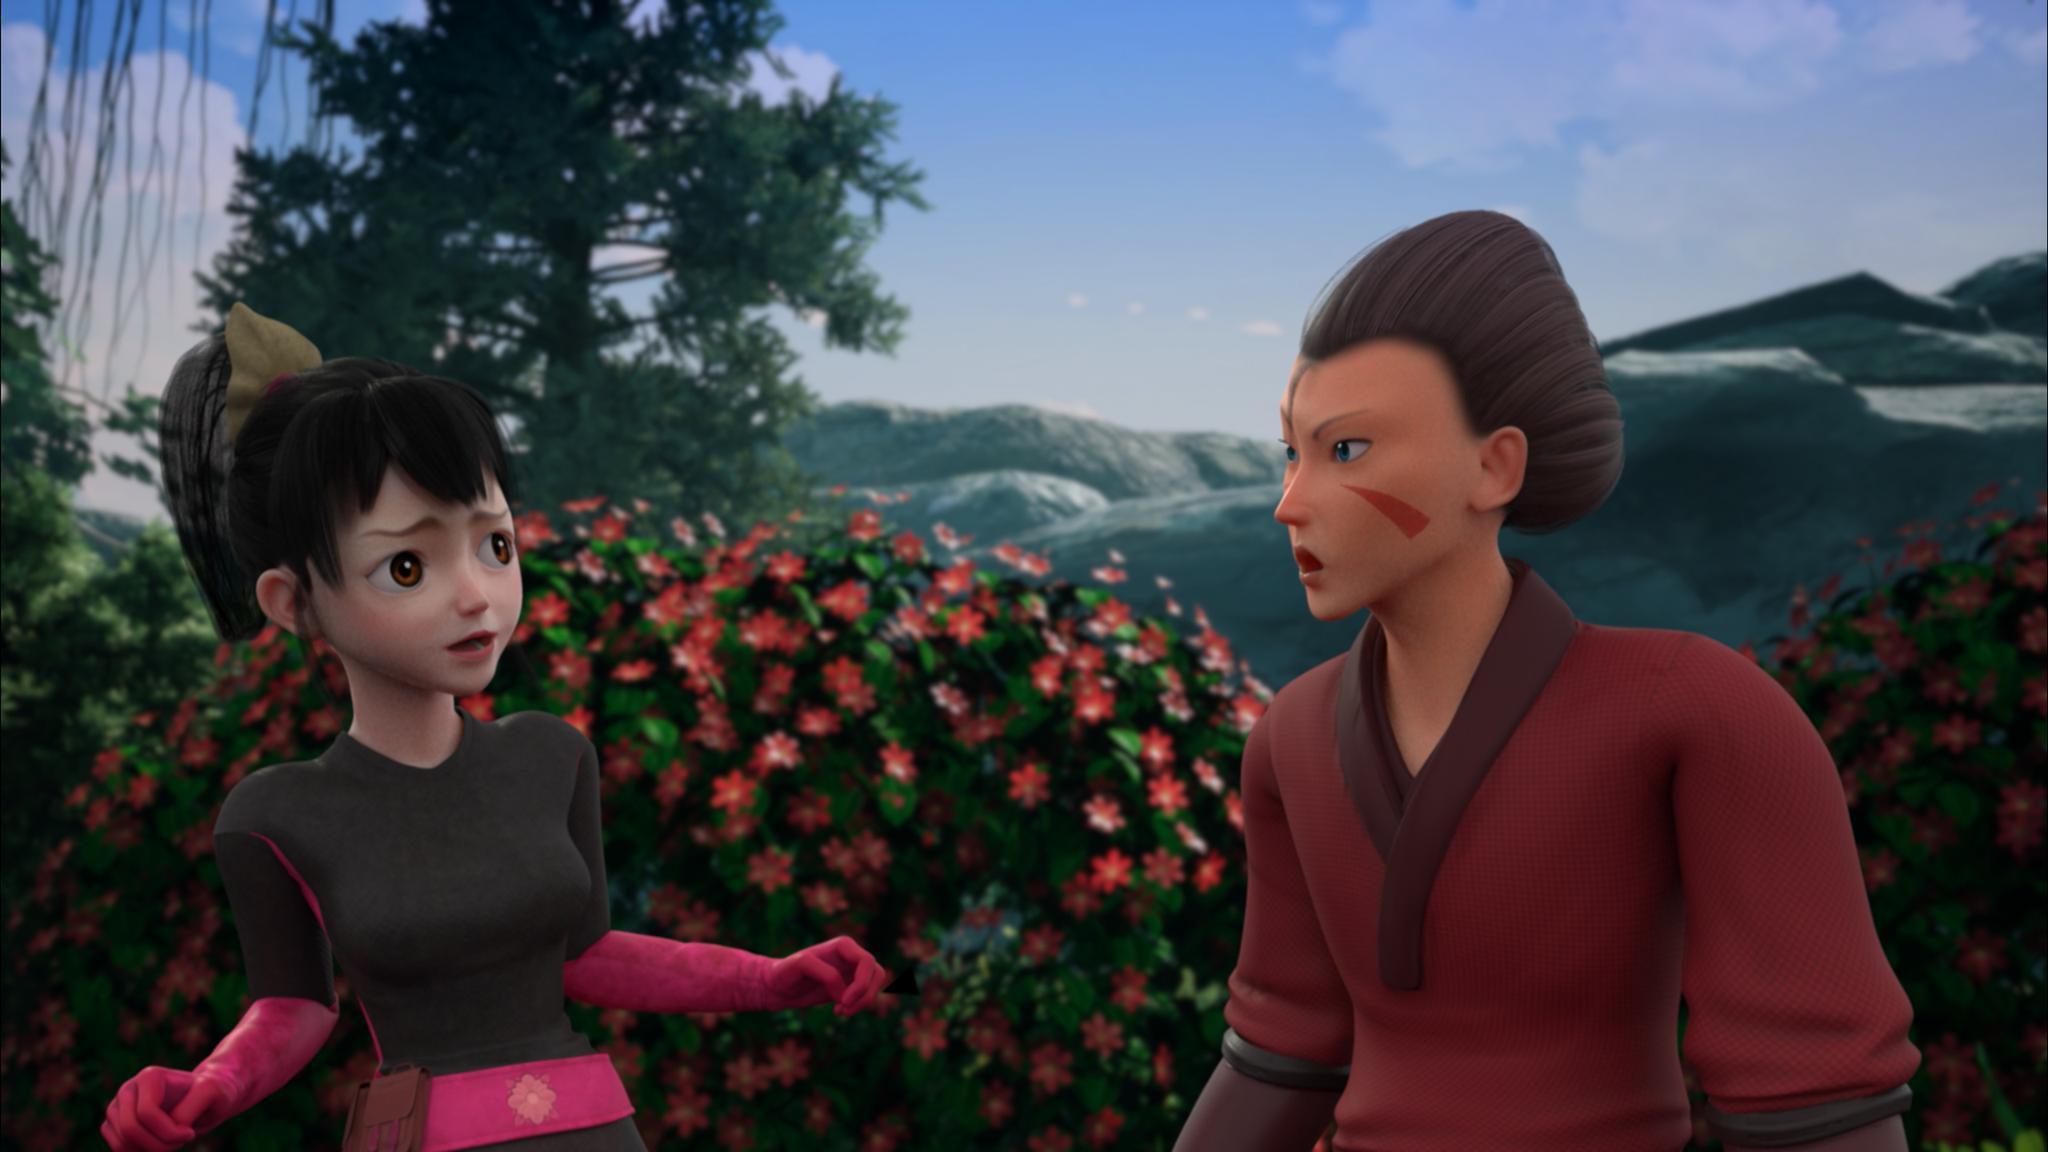 《魔镜奇缘3》12月14日奇幻上映 携风伴雪点亮魔法世界